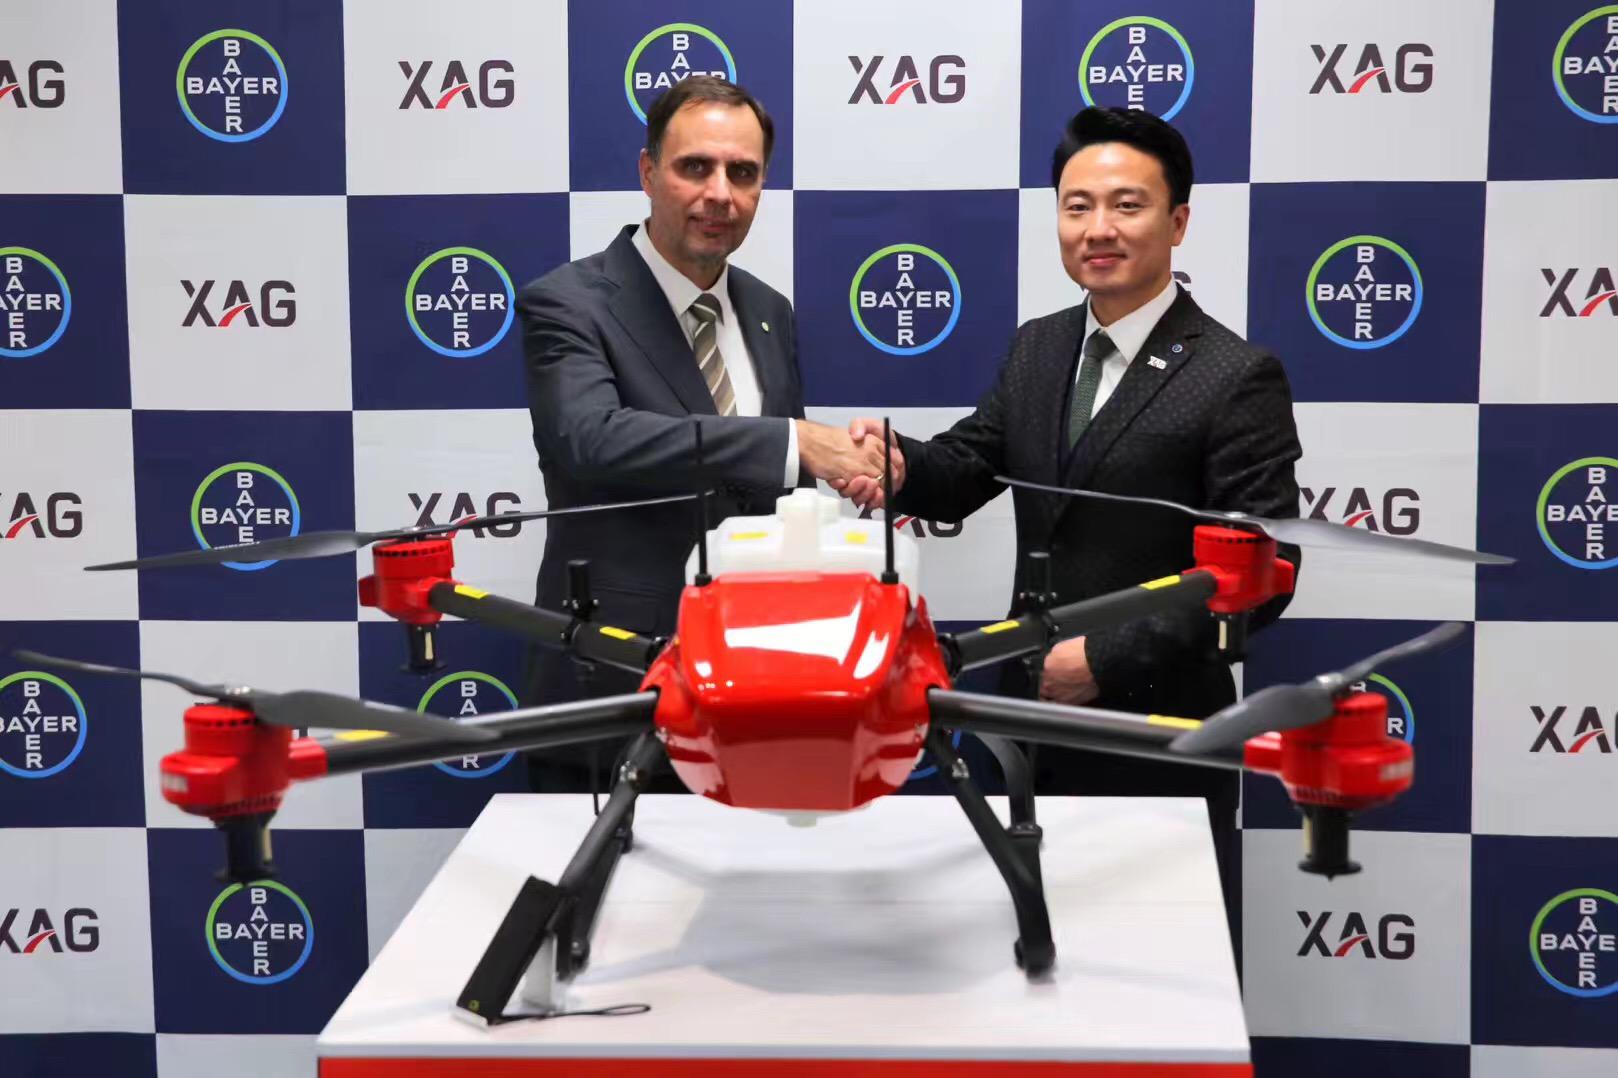 欲抢占日本市场 极飞科技与拜耳战略合作